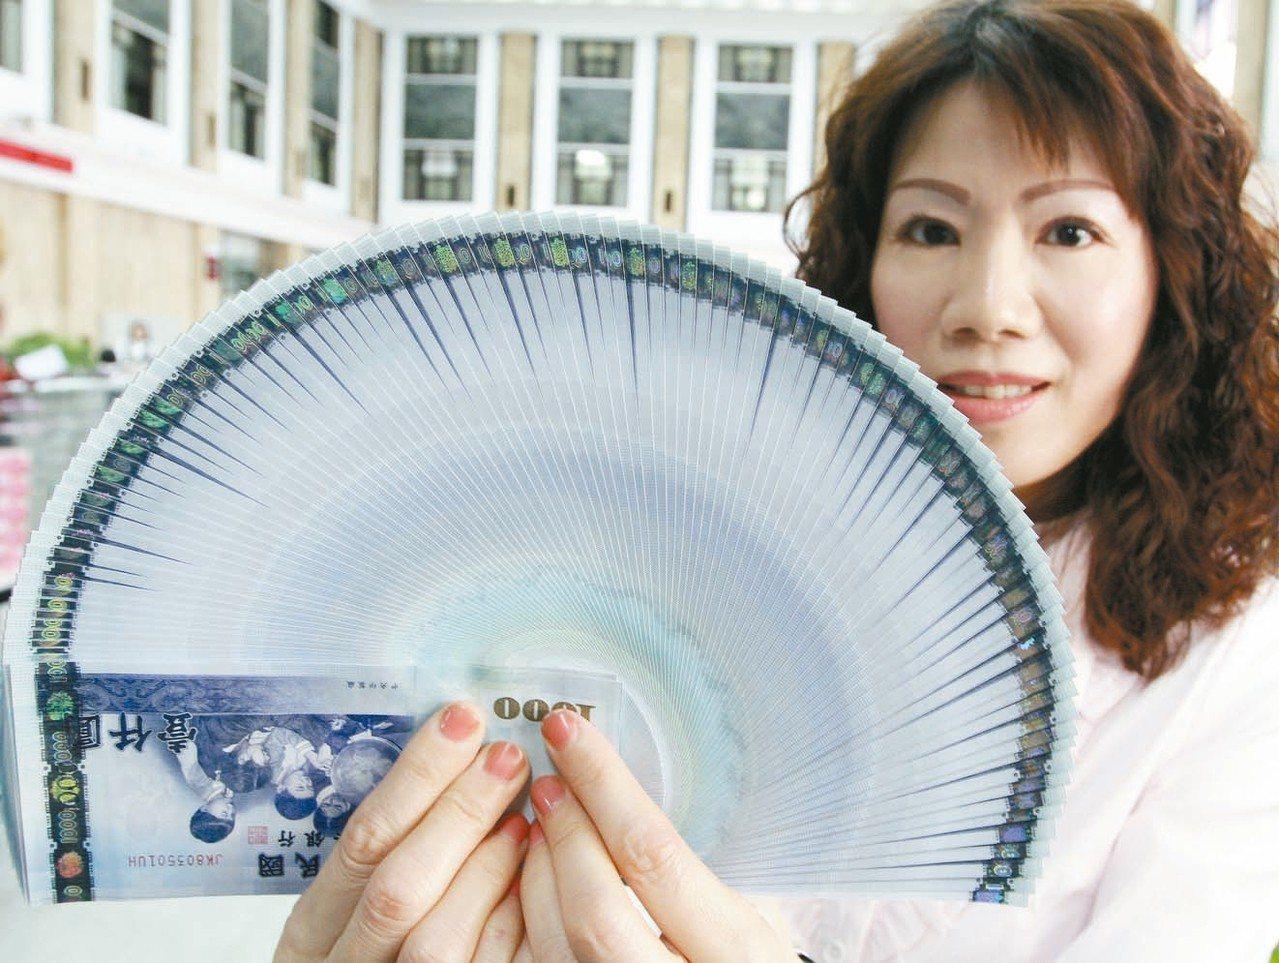 台灣銀行等八個金融機構1月28日起提供現鈔兌換服務。 本報系資料庫